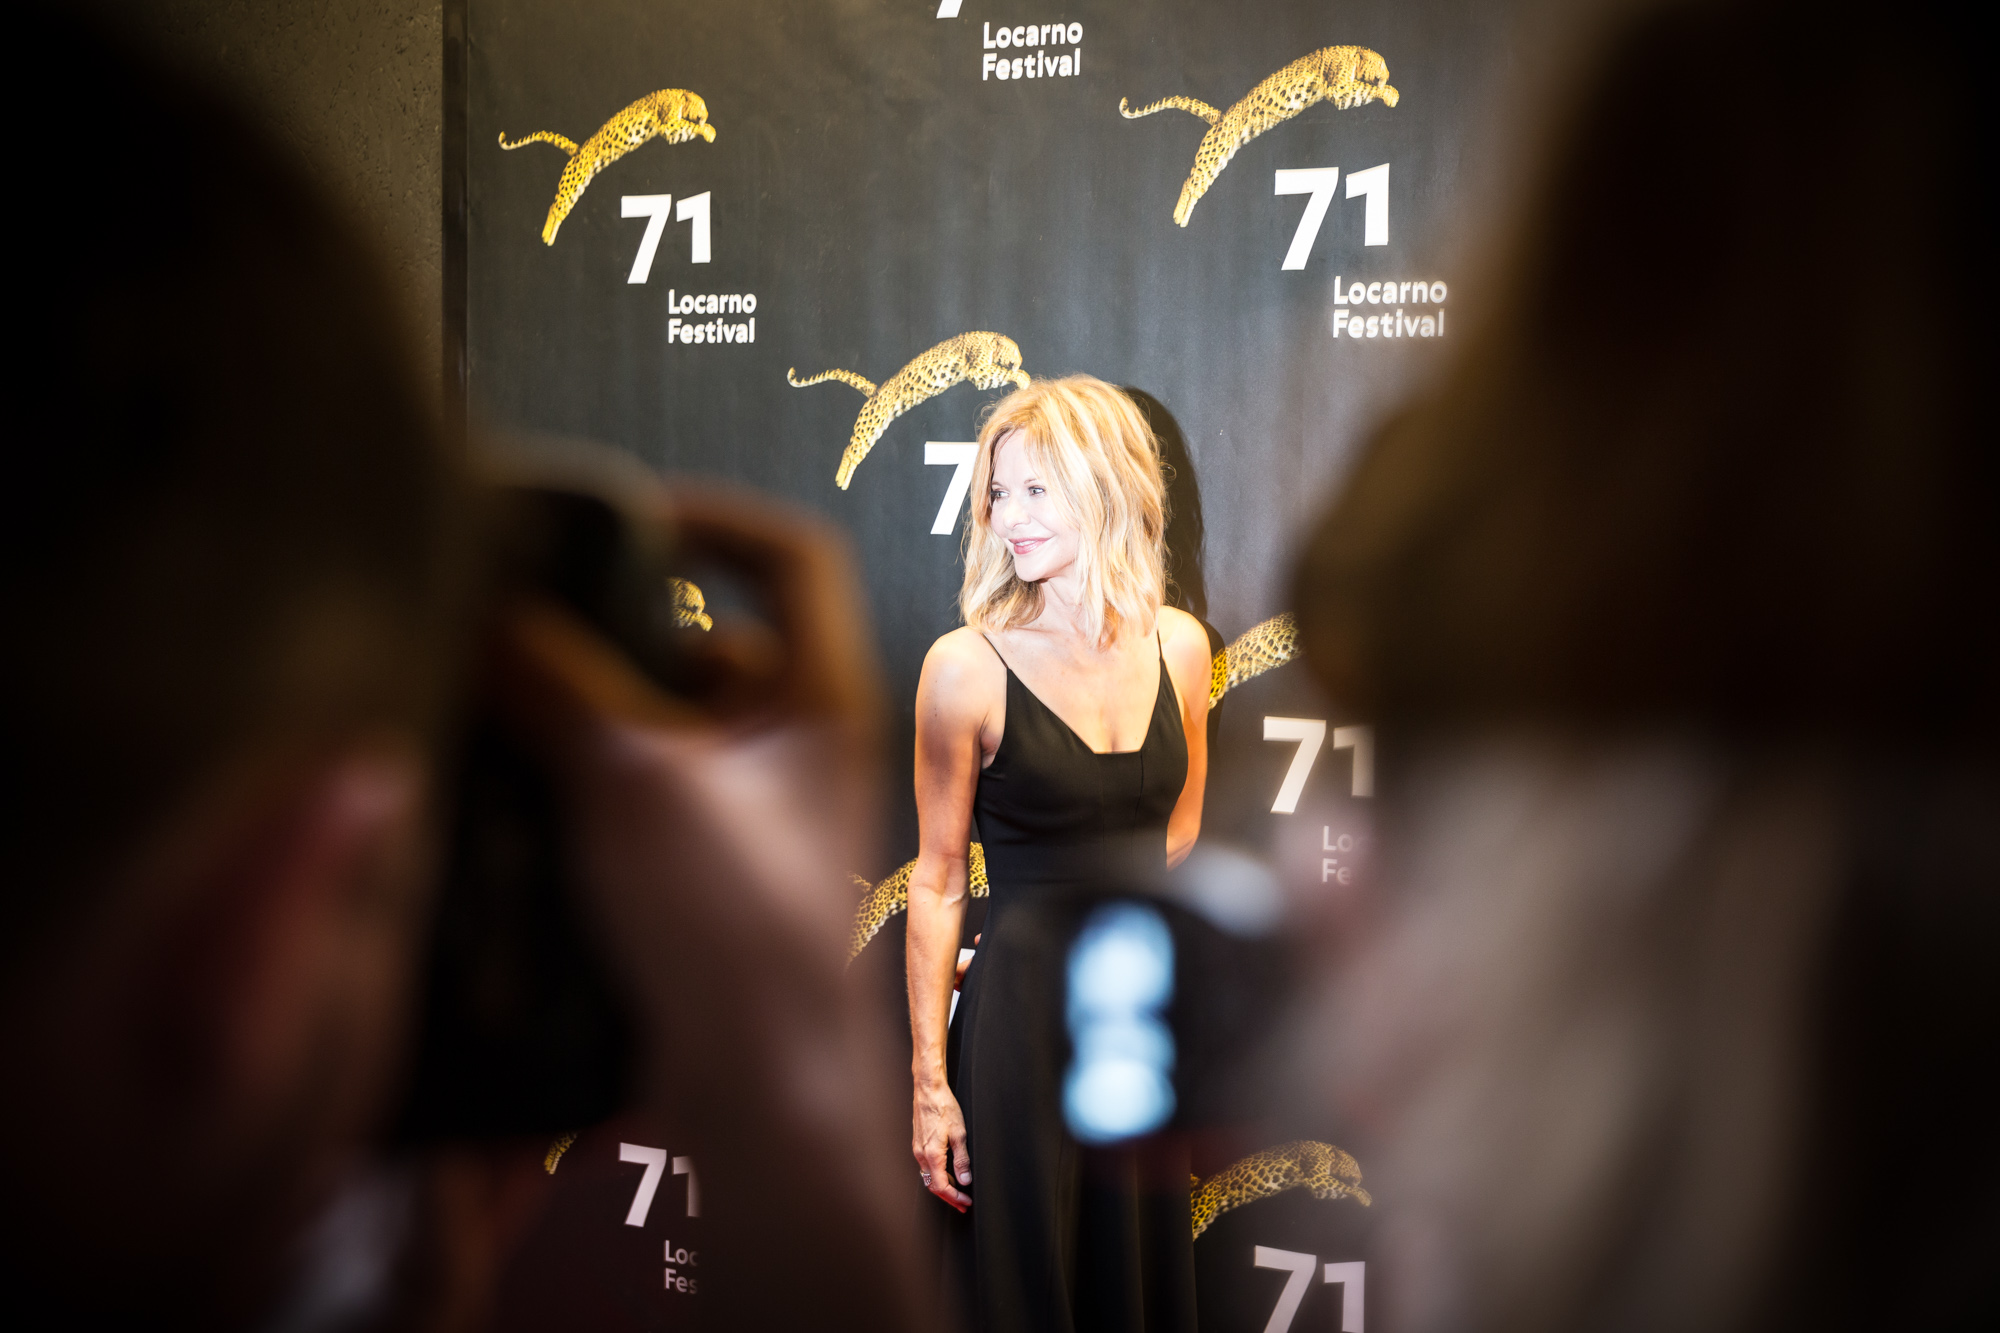 L'actrice américaine Meg Ryan, sous les flashs du Red Carpet, peu avant la cérémonie de remise du Leopard Club Award.